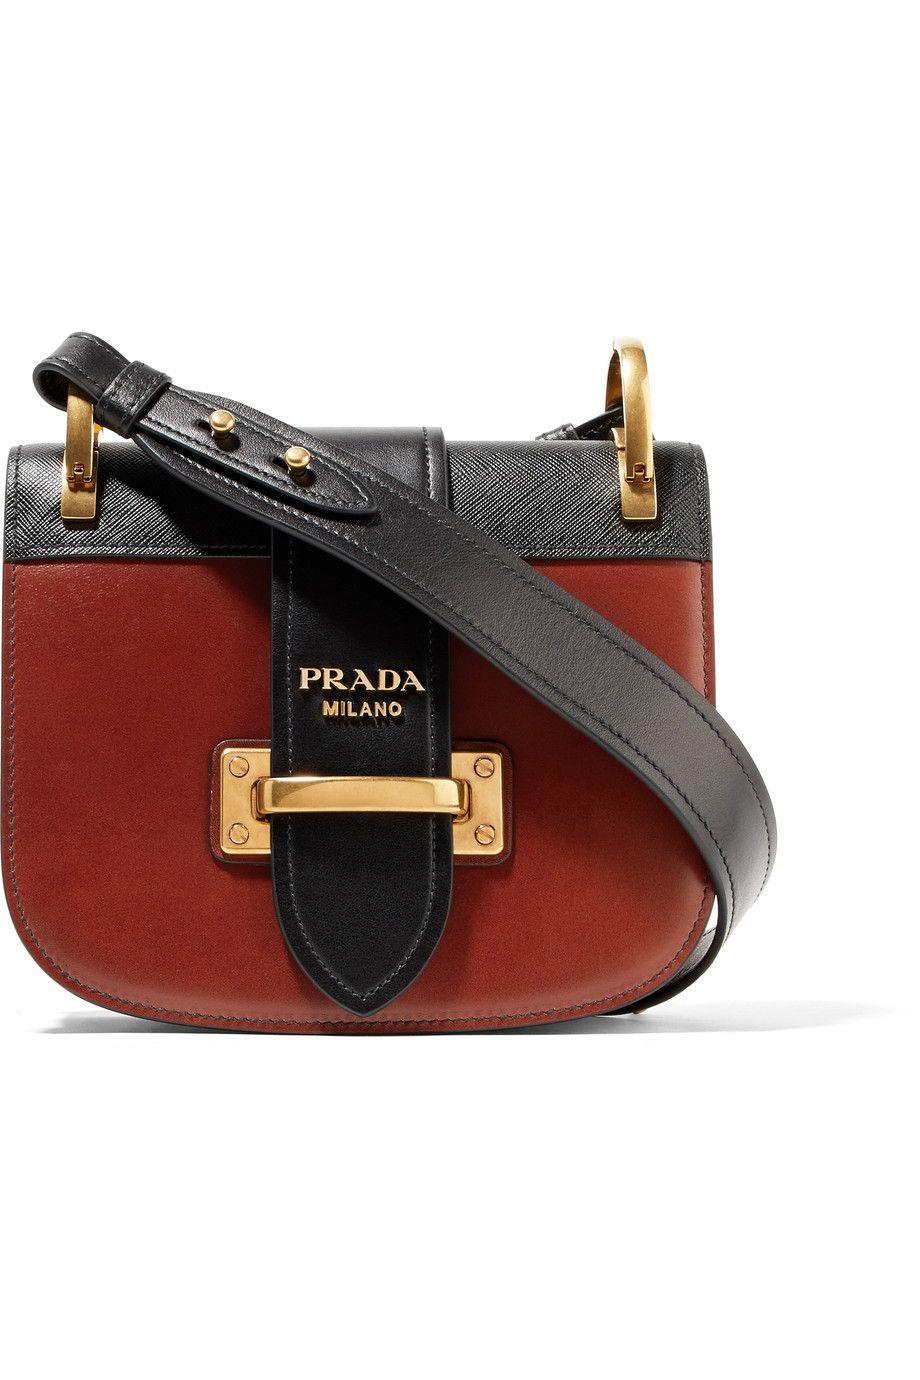 ef13f9f3d37e ... usa prada pionnière two tone leather shoulder bag net a porter 6df25  0823e